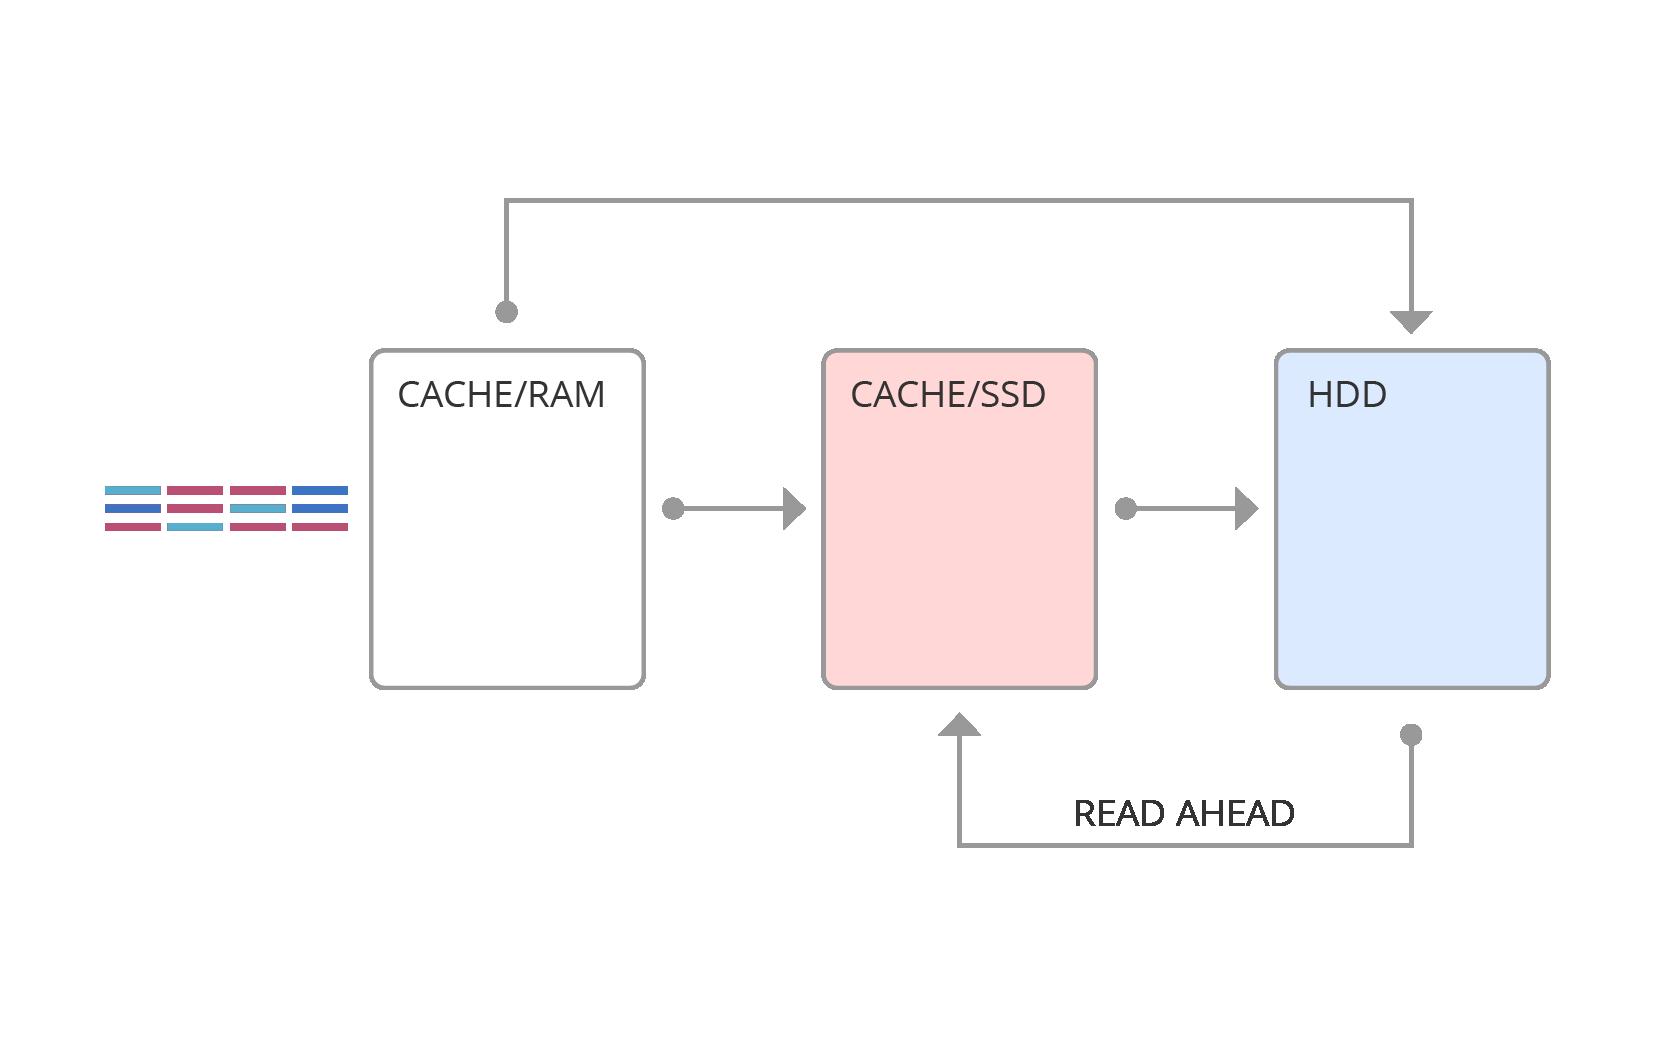 Работа с Незнайкой — технологии упреждающего чтения и гибридные СХД - 18